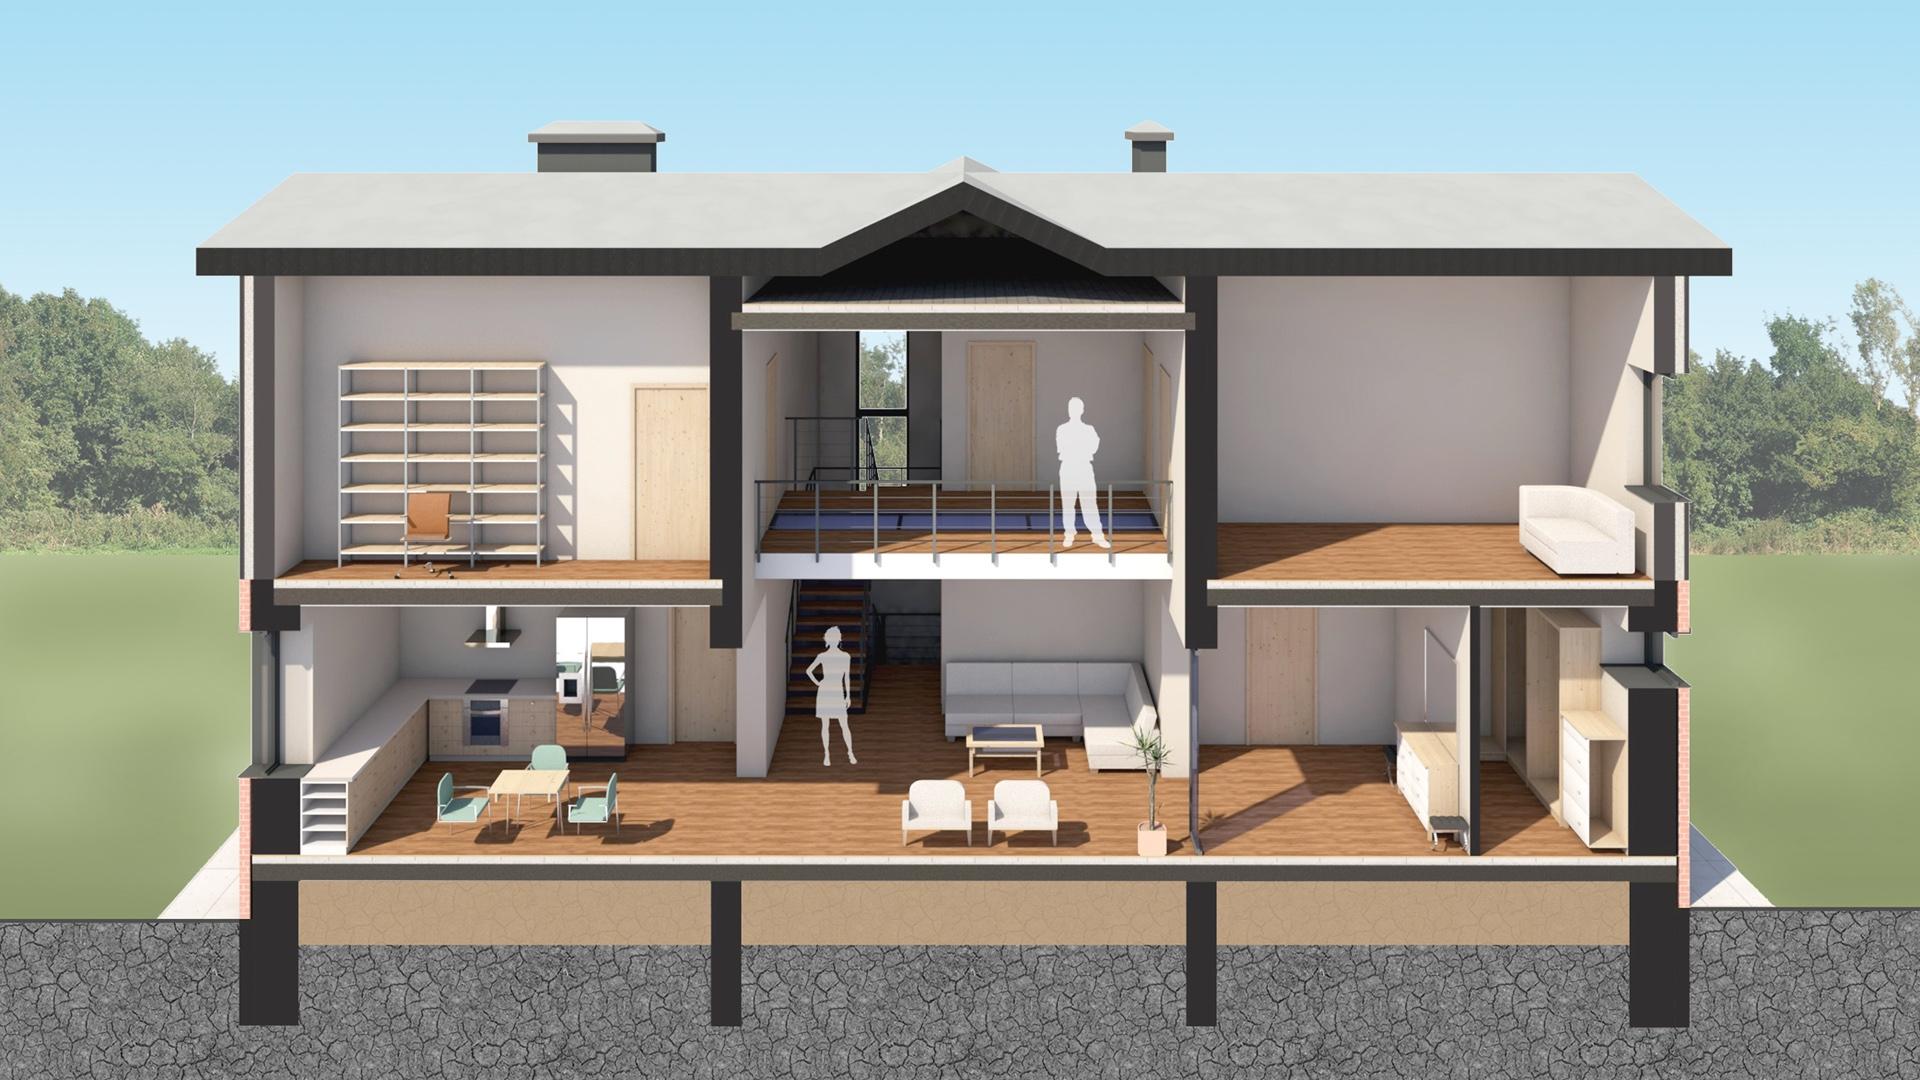 Изображение для проекта Современное поместье для большой семьи 2176